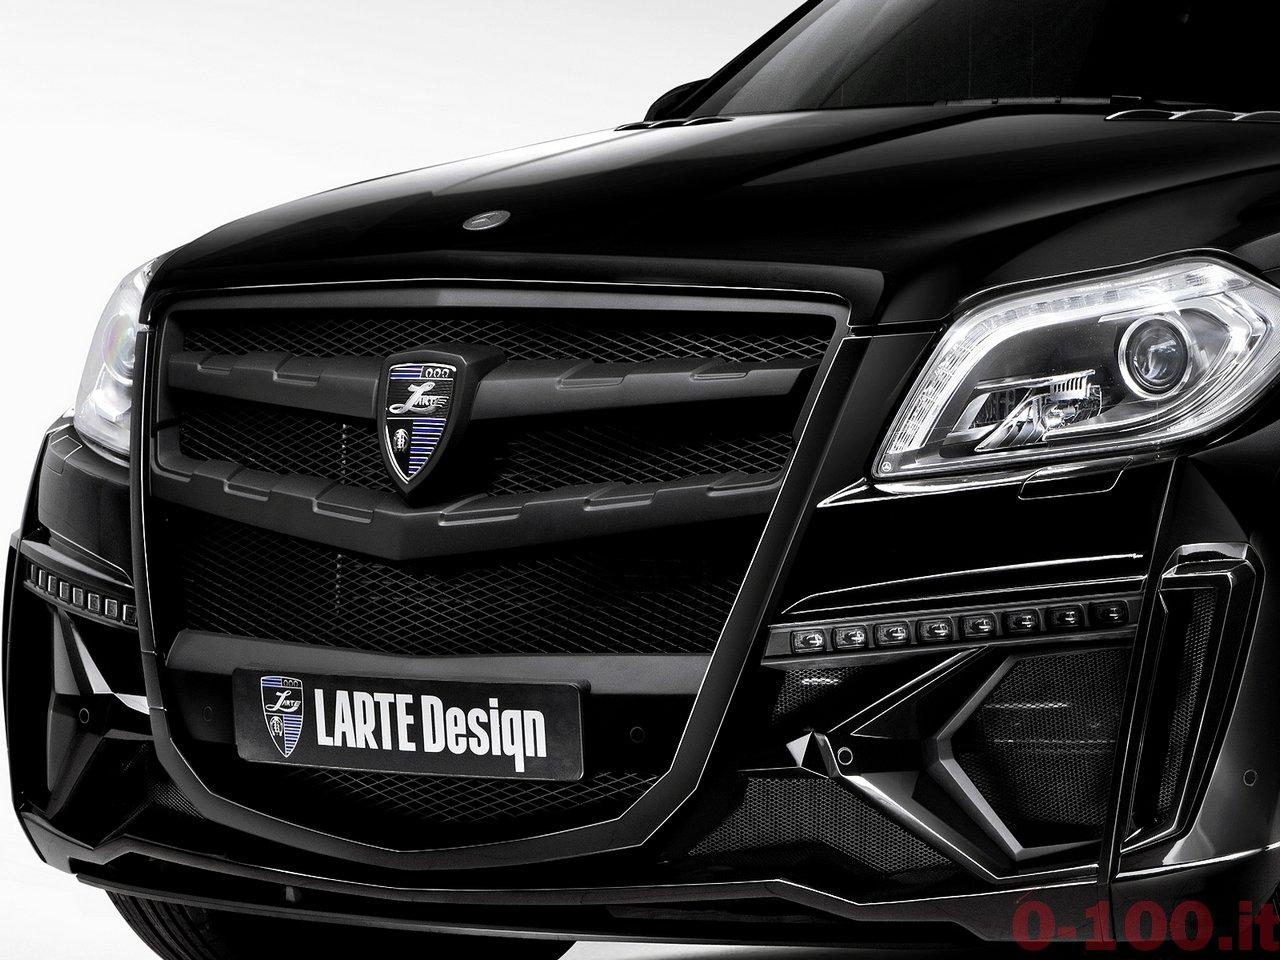 larte-design-mercedes-gl-class-cristallo-nero-0-100_11